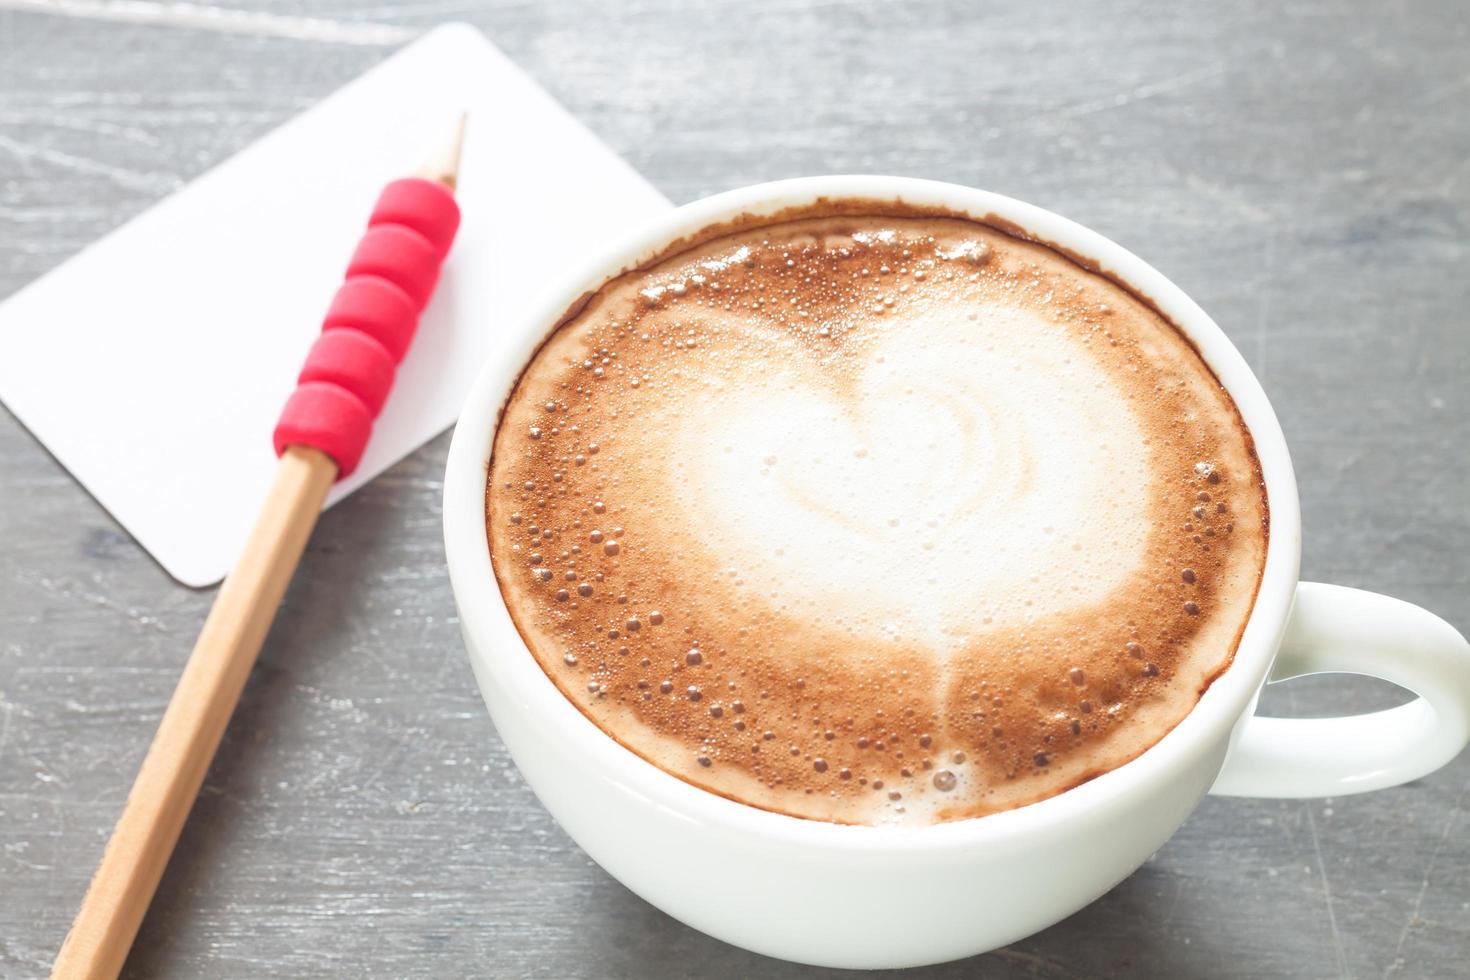 café com leite com um cartão de visita e lápis foto